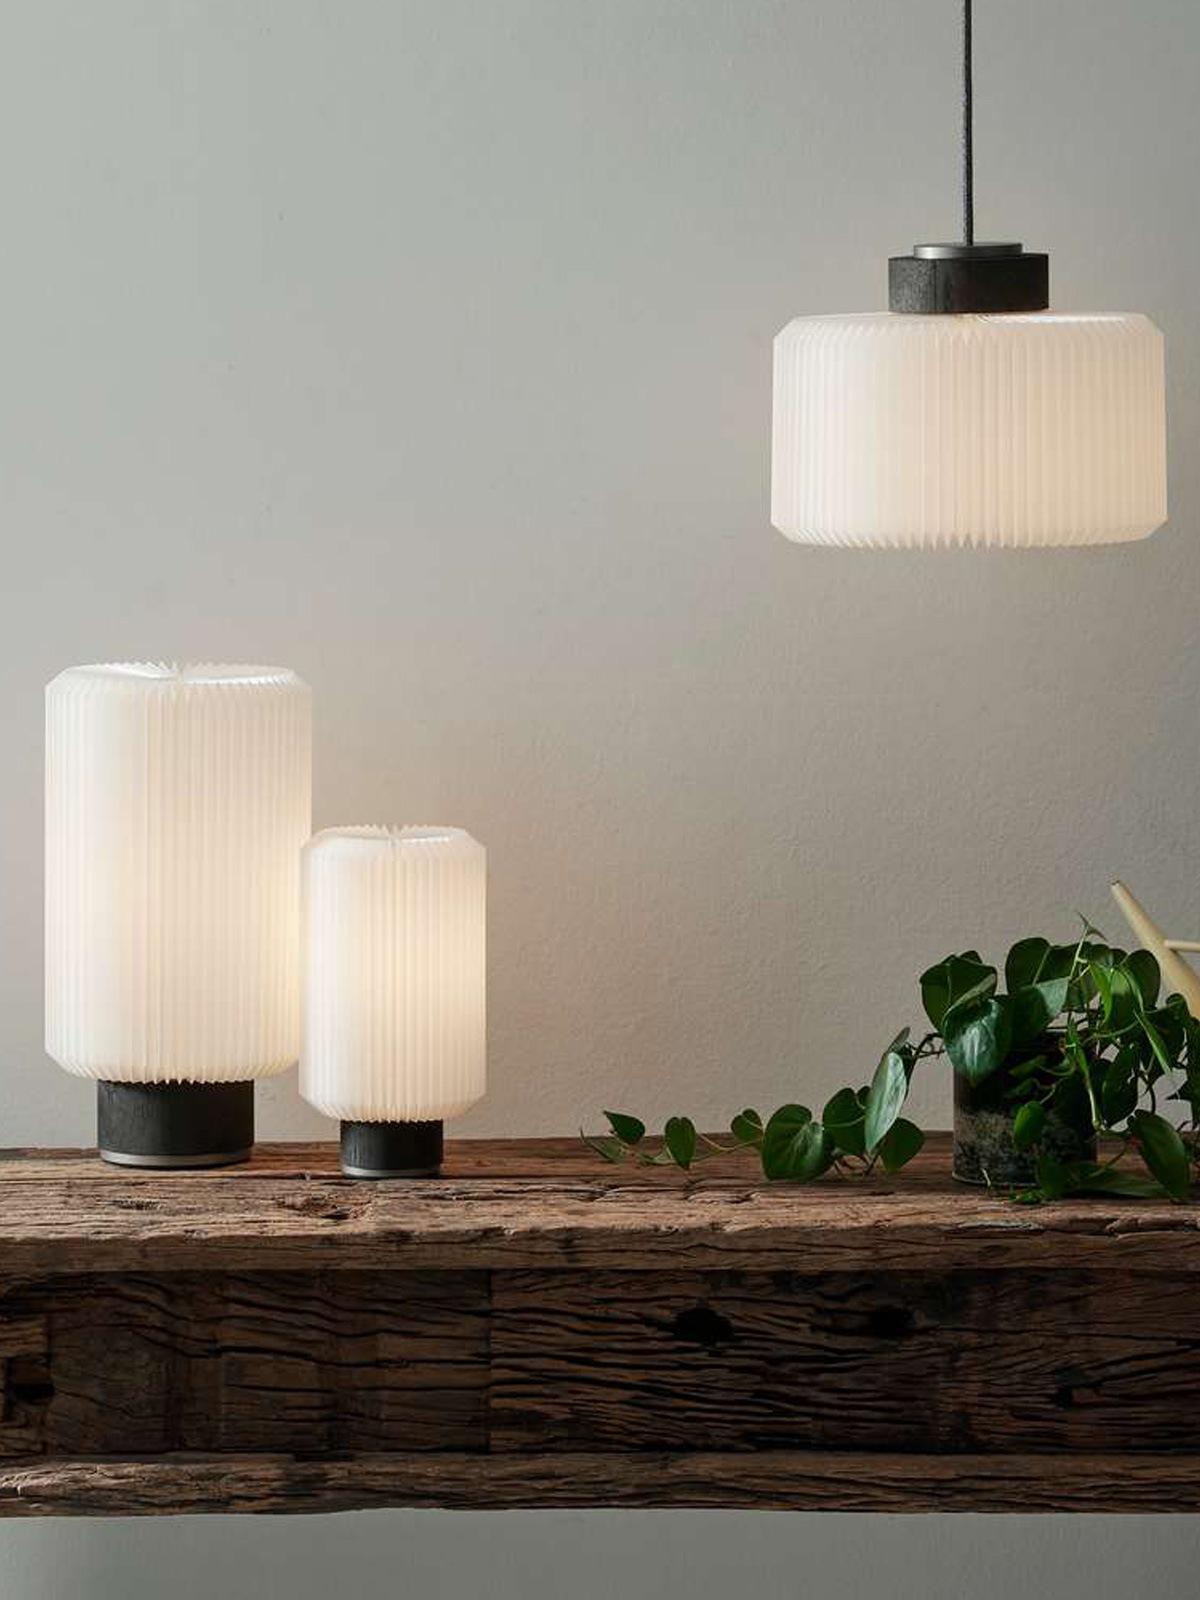 Le Klint Cylinder Leuchten skandinavische Designerleuchten